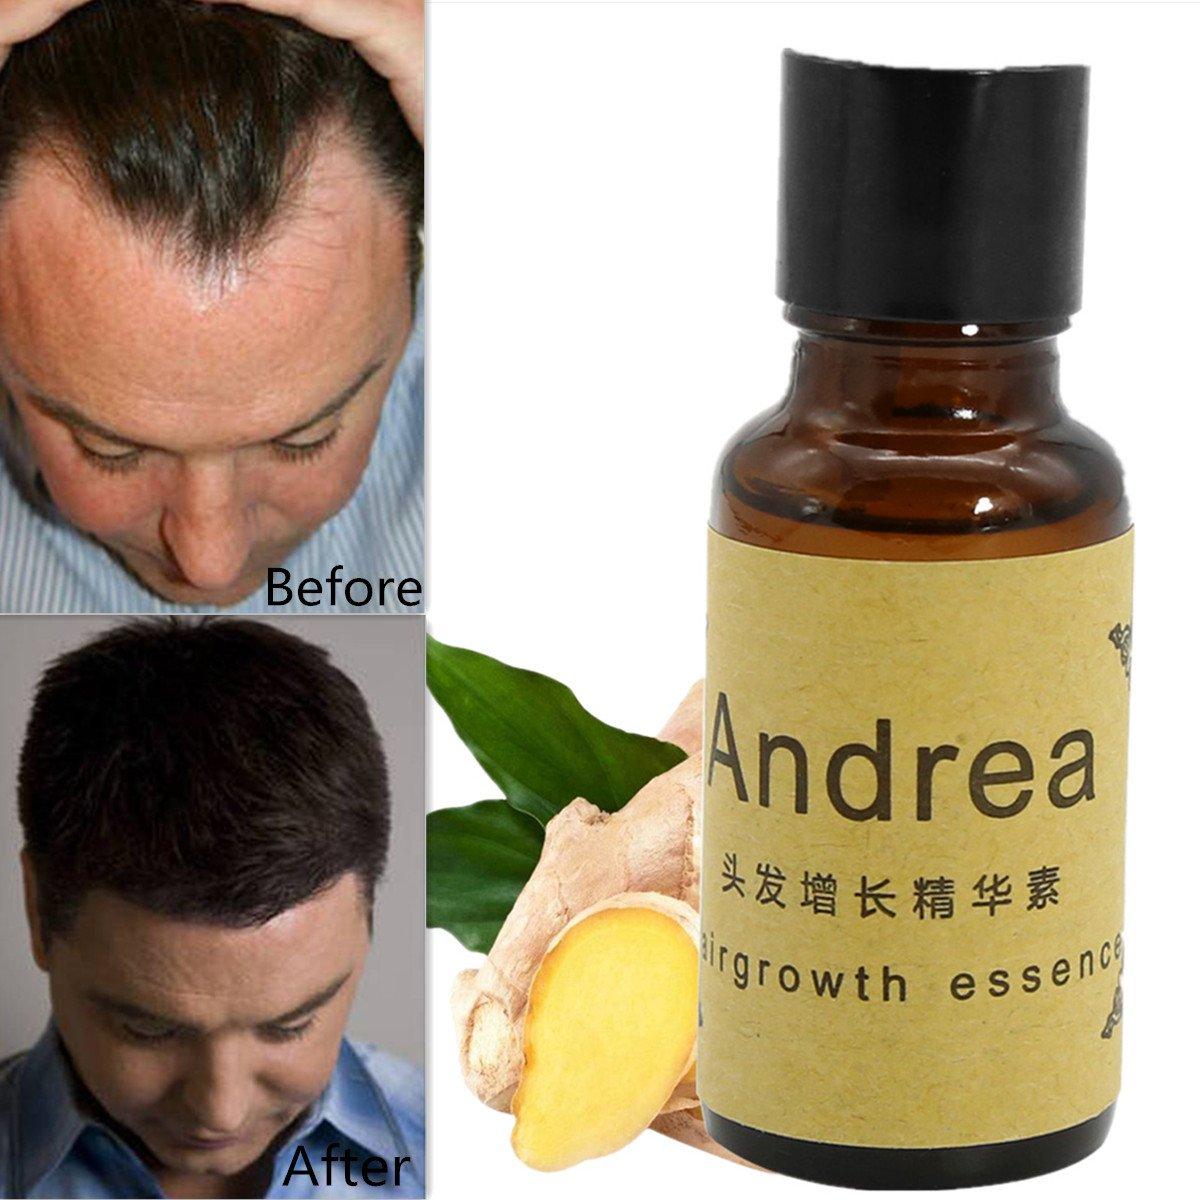 HJR Natural Hair Growth Essence/Anti-hair Loss oil liquid making your hair stronger& healthier 20ml